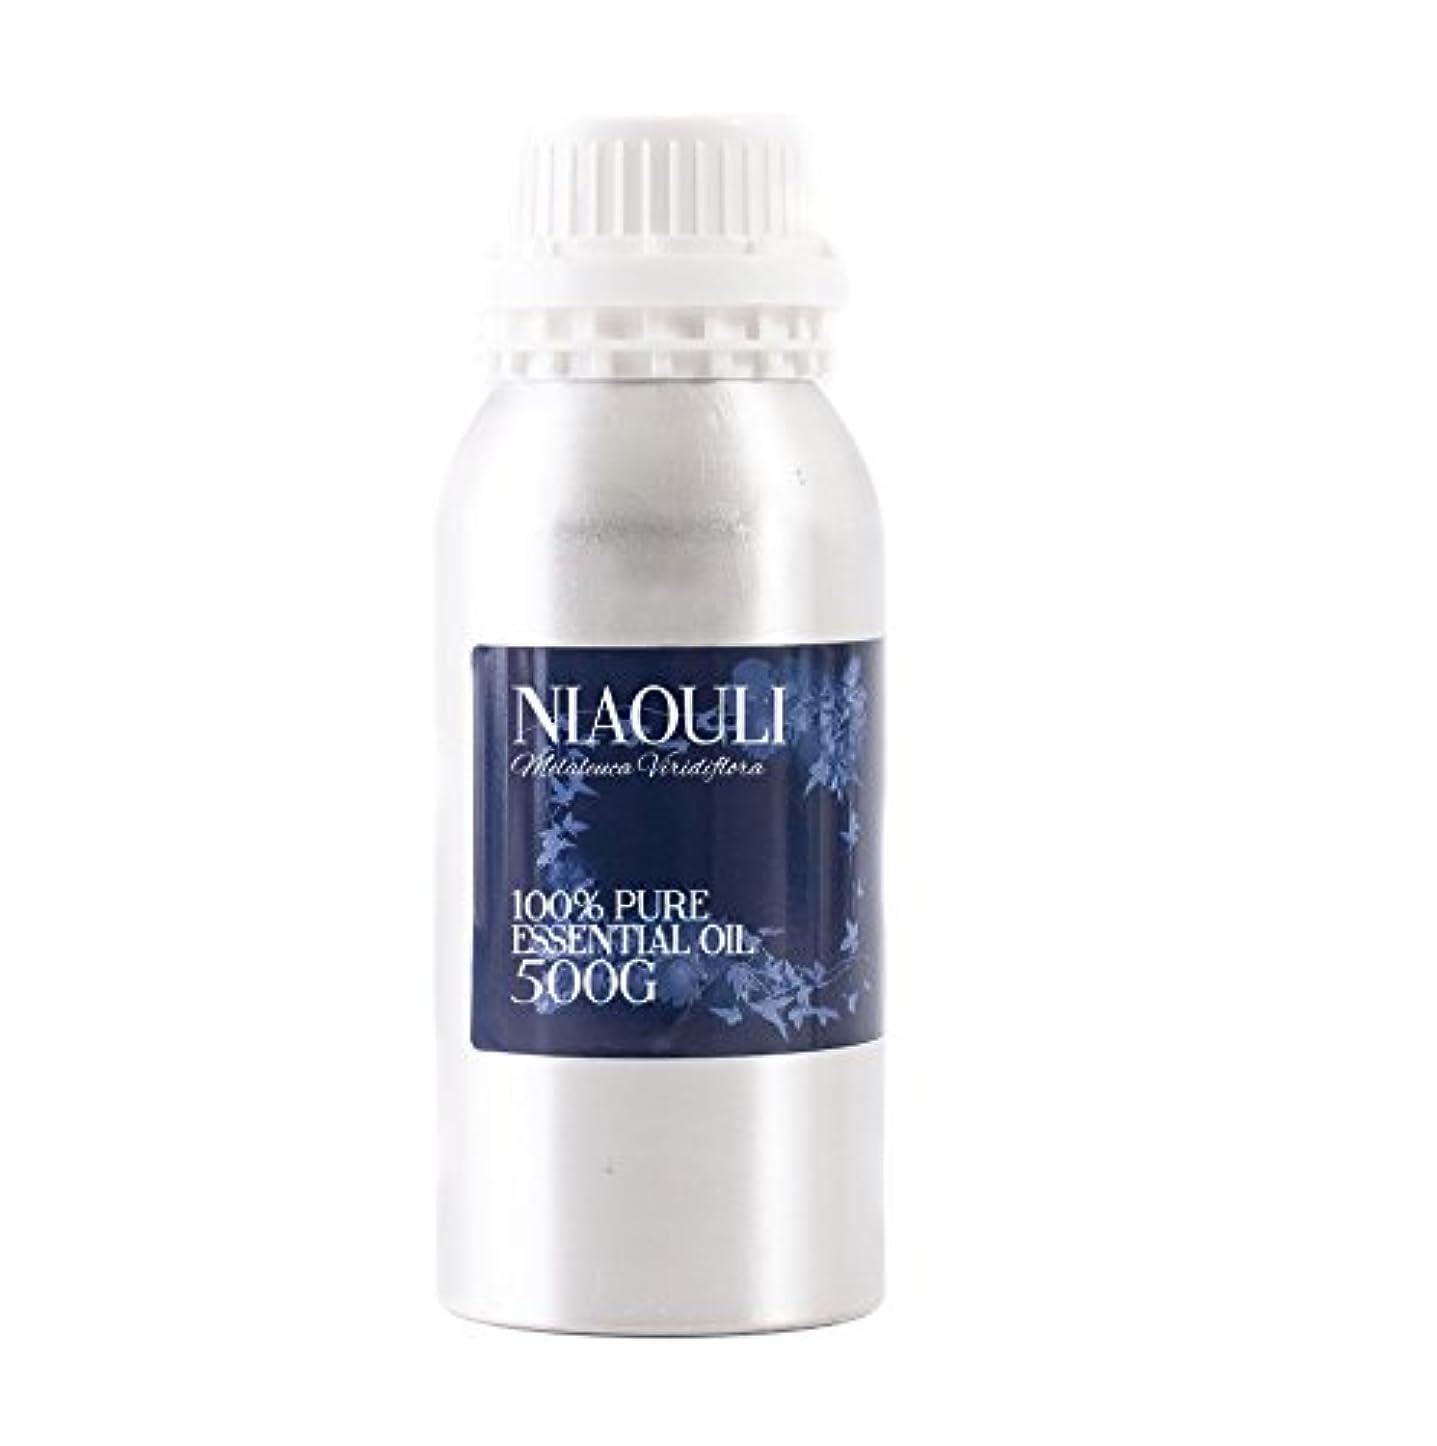 反対に俳句シャンプーMystic Moments | Niaouli Essential Oil - 500g - 100% Pure